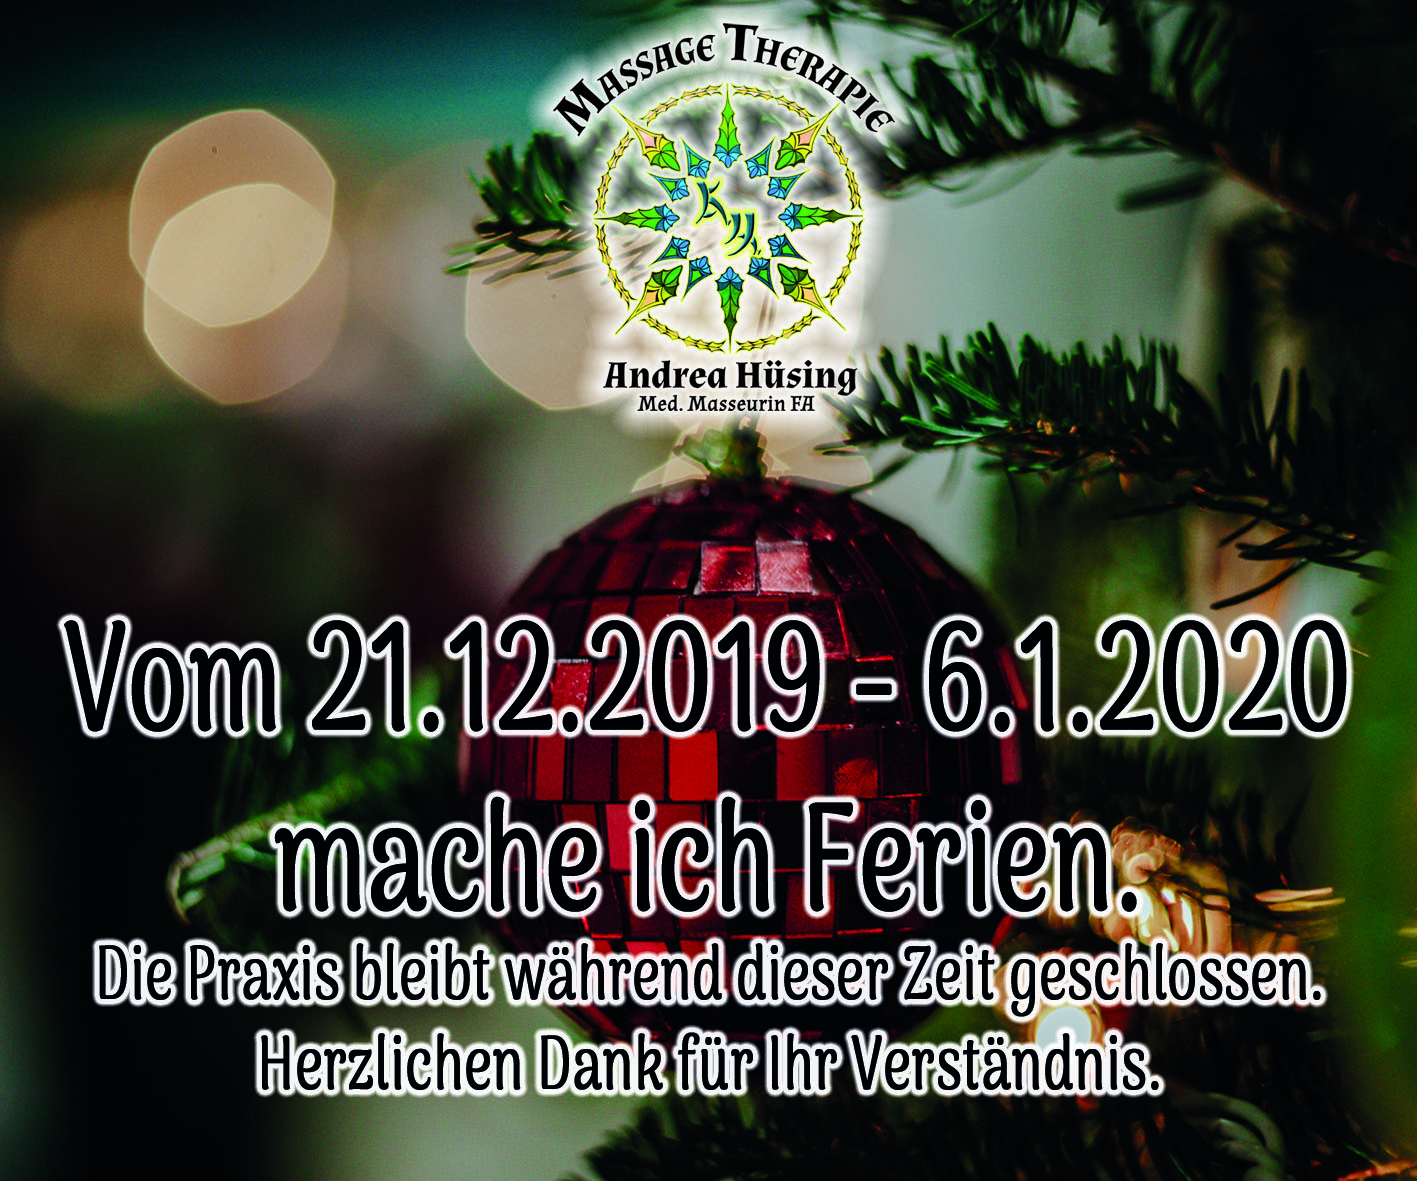 Weihnachtsferien vom 21.12.2019 - 6.1.2020